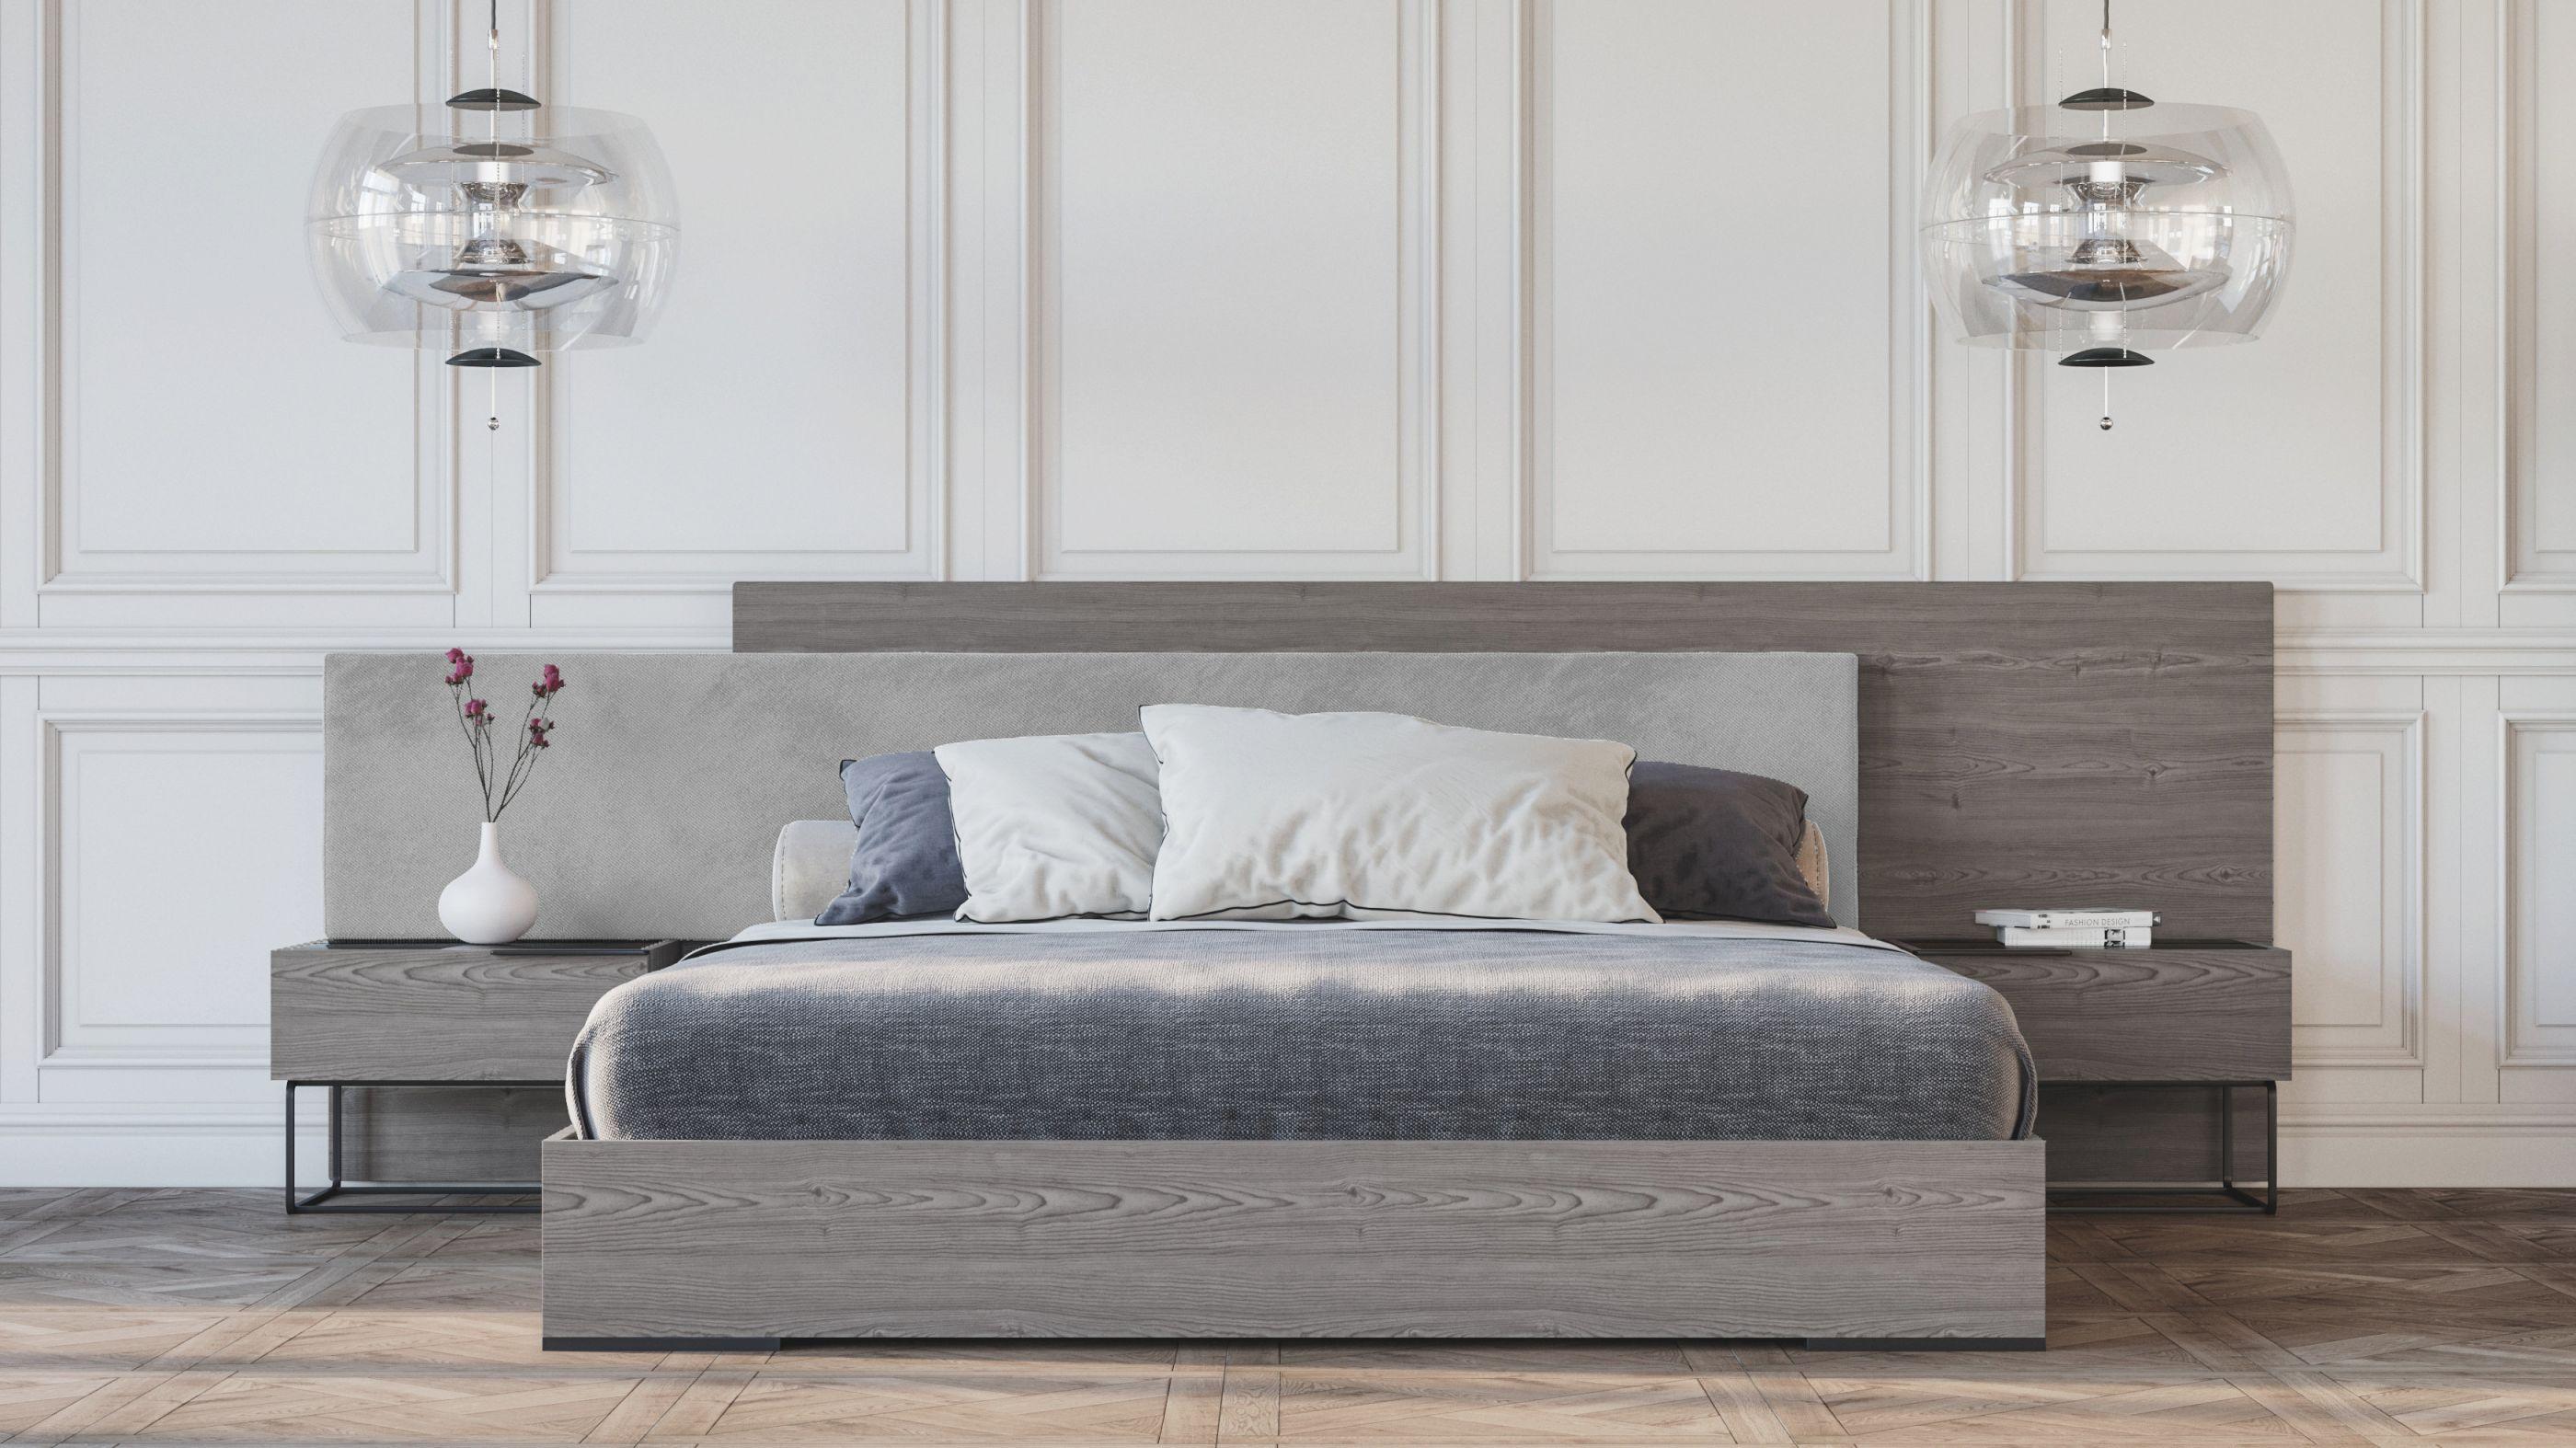 Mraz Platform 3 Piece Bedroom Set throughout Bedroom Set Modern